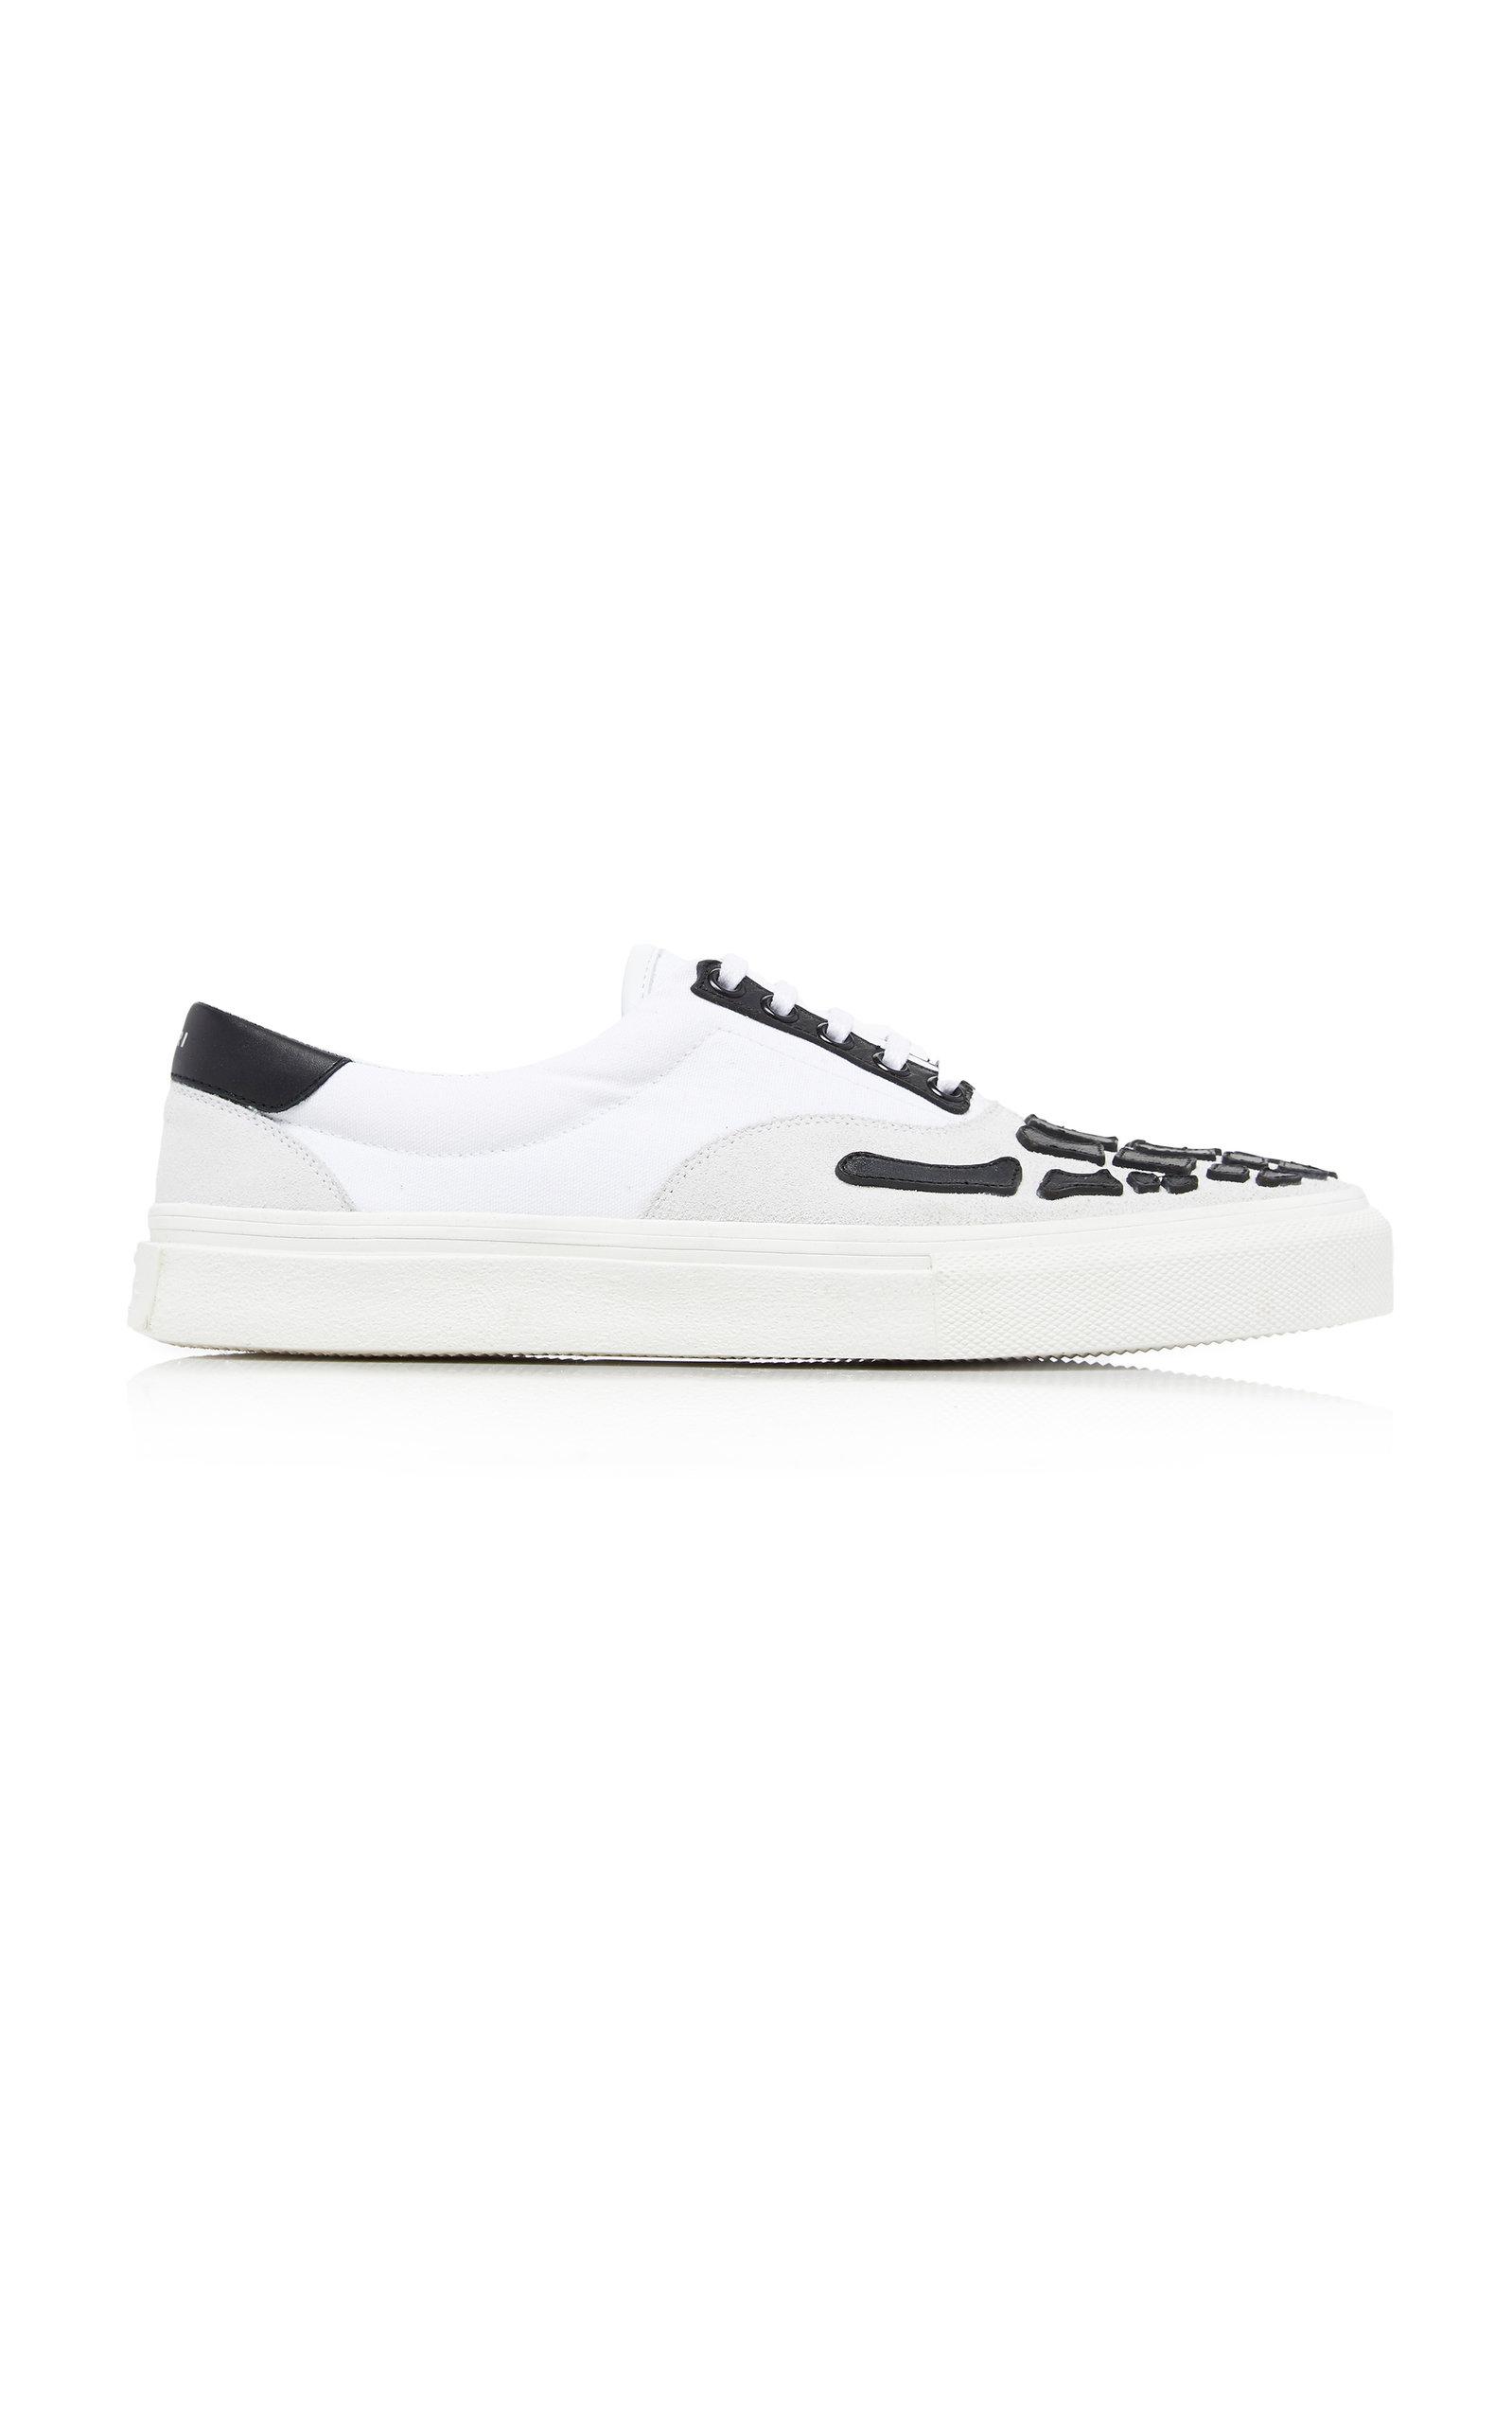 Amiri Sneakers Bones Leather Sneakers